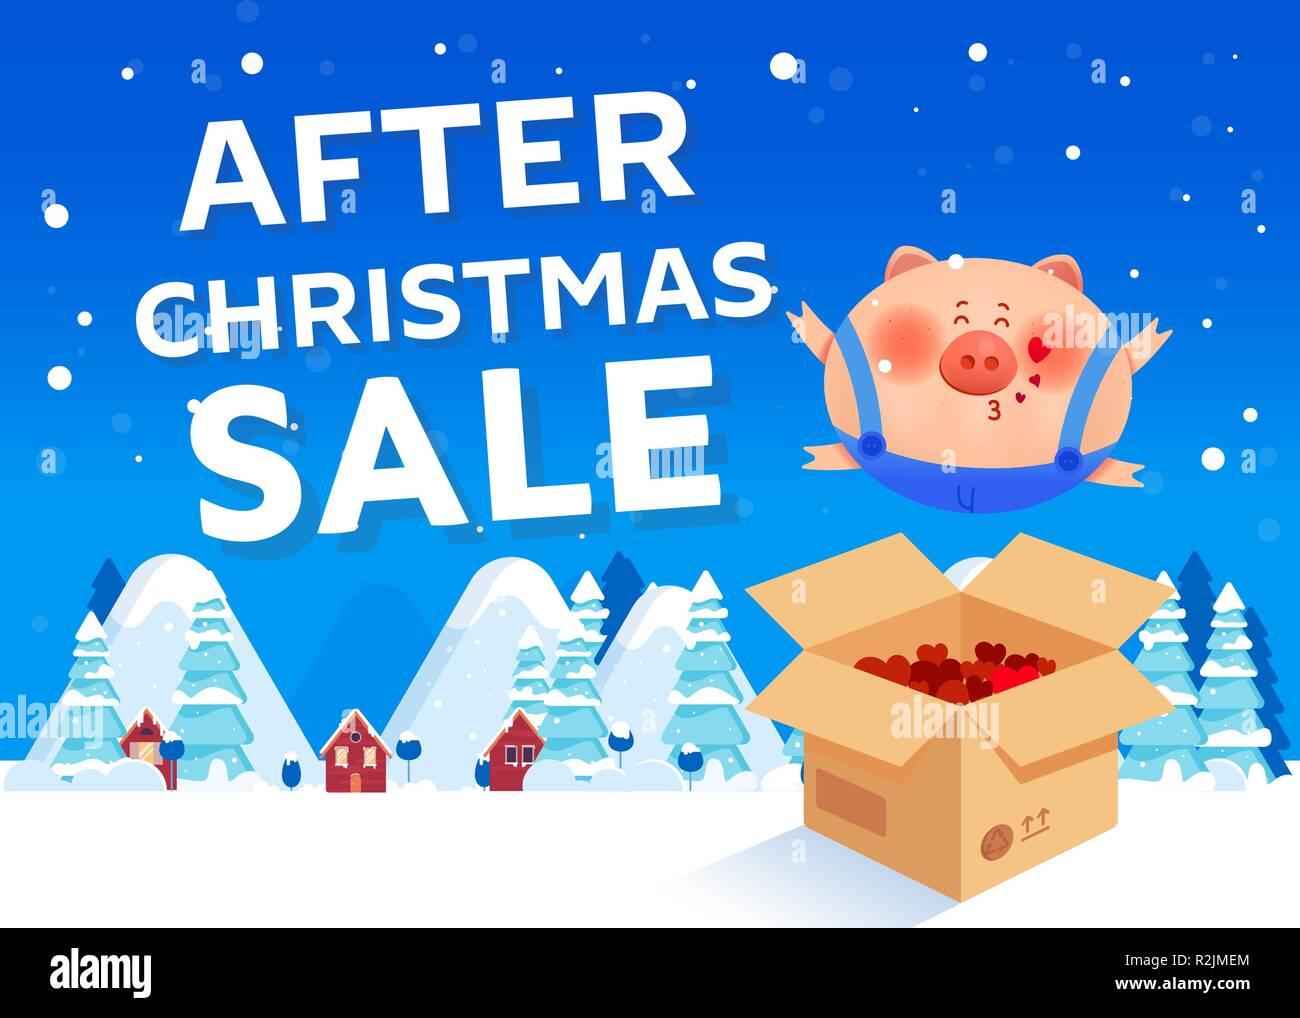 Bilder Nach Weihnachten.Nach Weihnachten Verkauf Mit Einem Fette Schwein Wer Gibt Einen Kuss